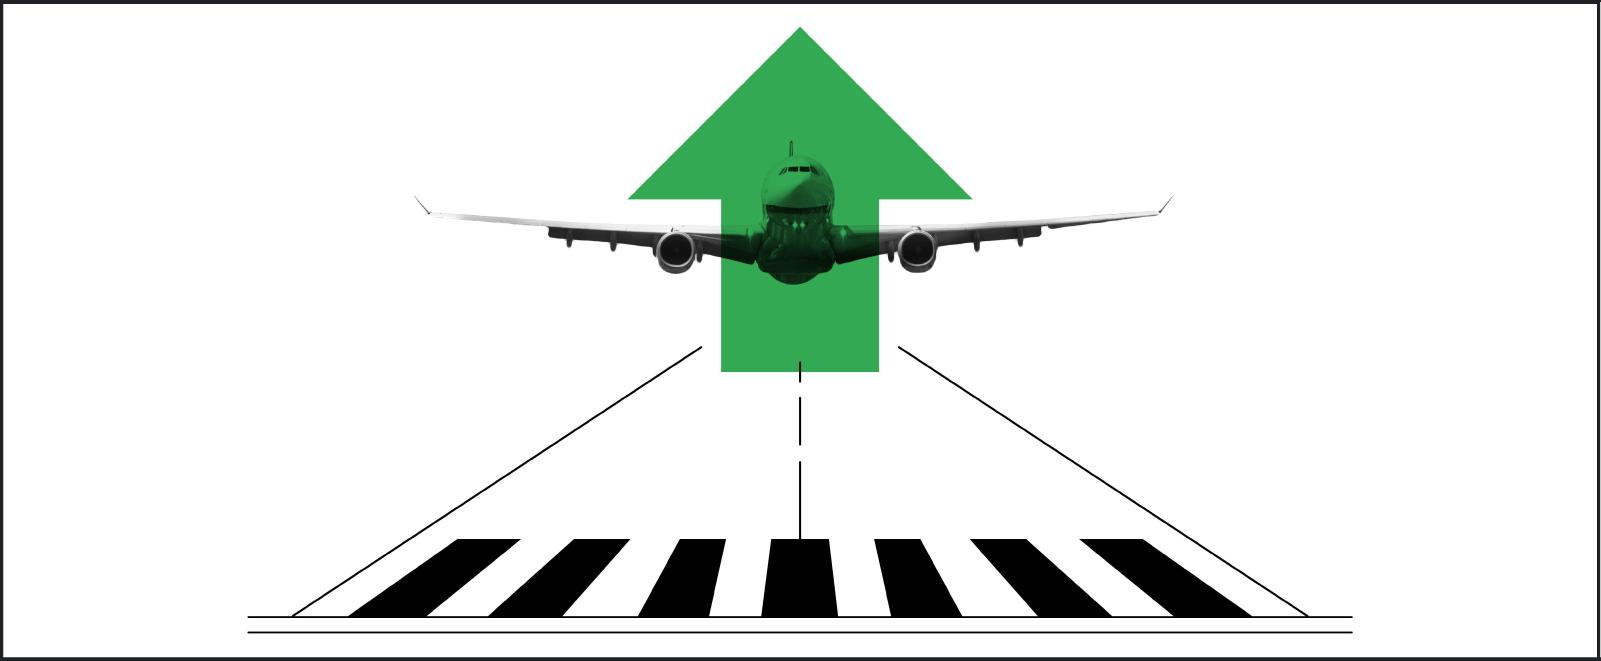 Ilustración en blanco y negro de un avión despegando en la pista de aterrizaje con una llamativa flecha verde dibujada sobre el avión.